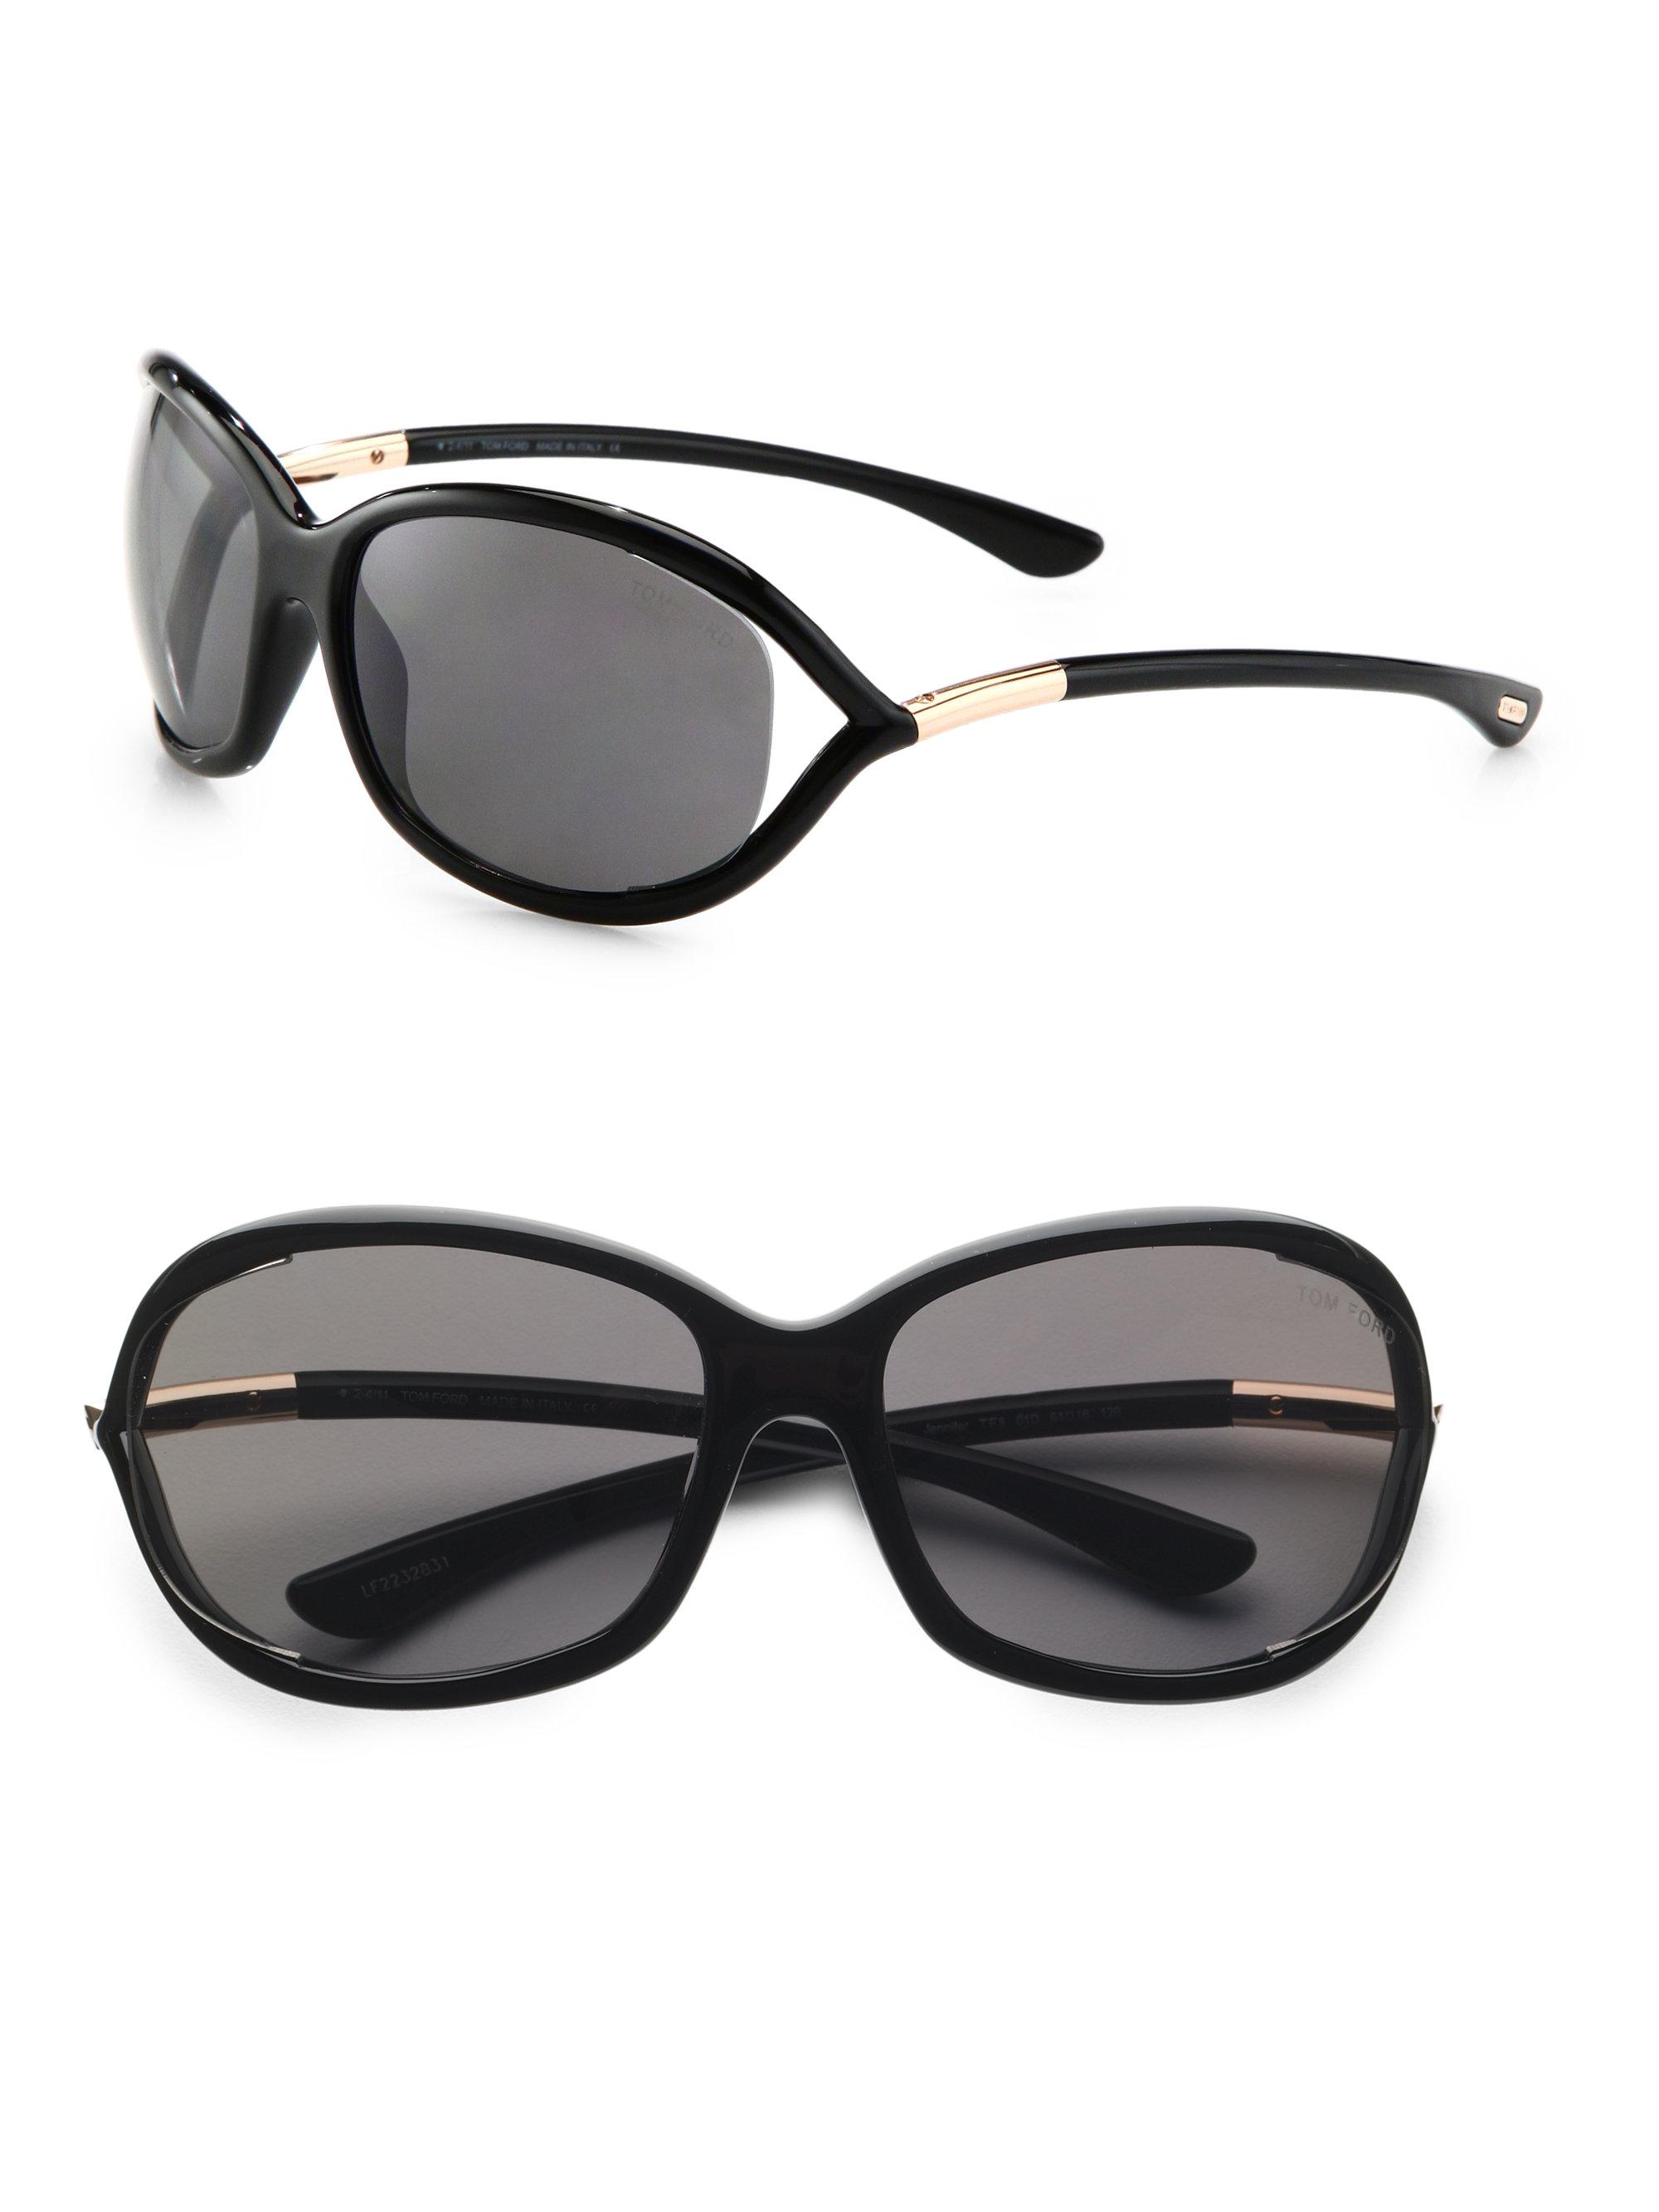 a228834175 Tom Ford Cole Polarized Sunglasses. Next Mens Aviator ...